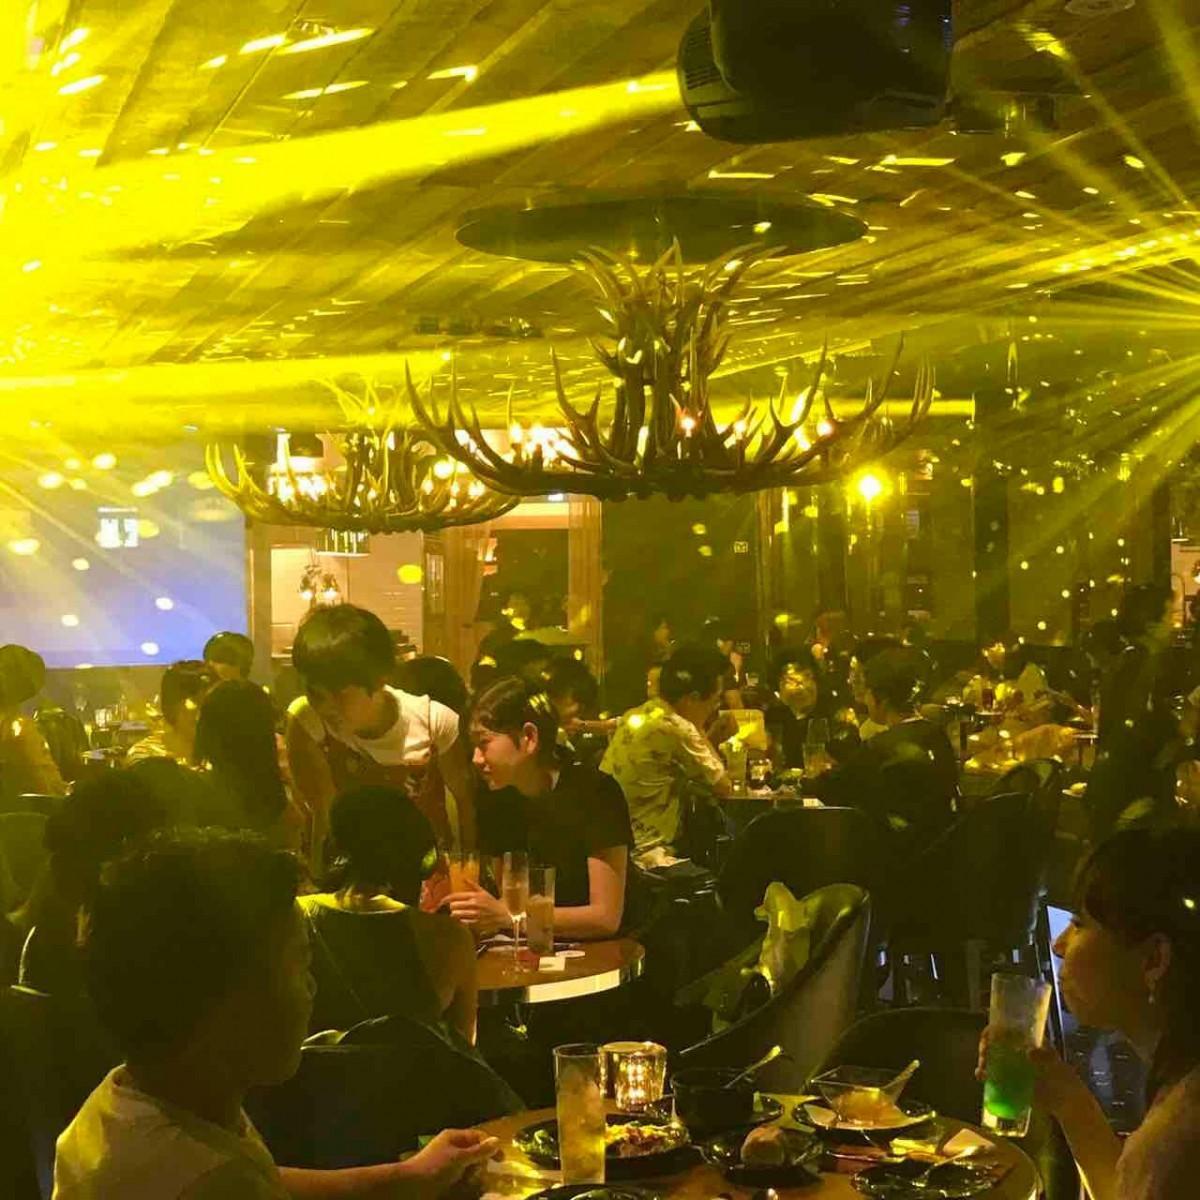 スーパーサパークラブで昨年開いたカウントダウンパーティーの様子